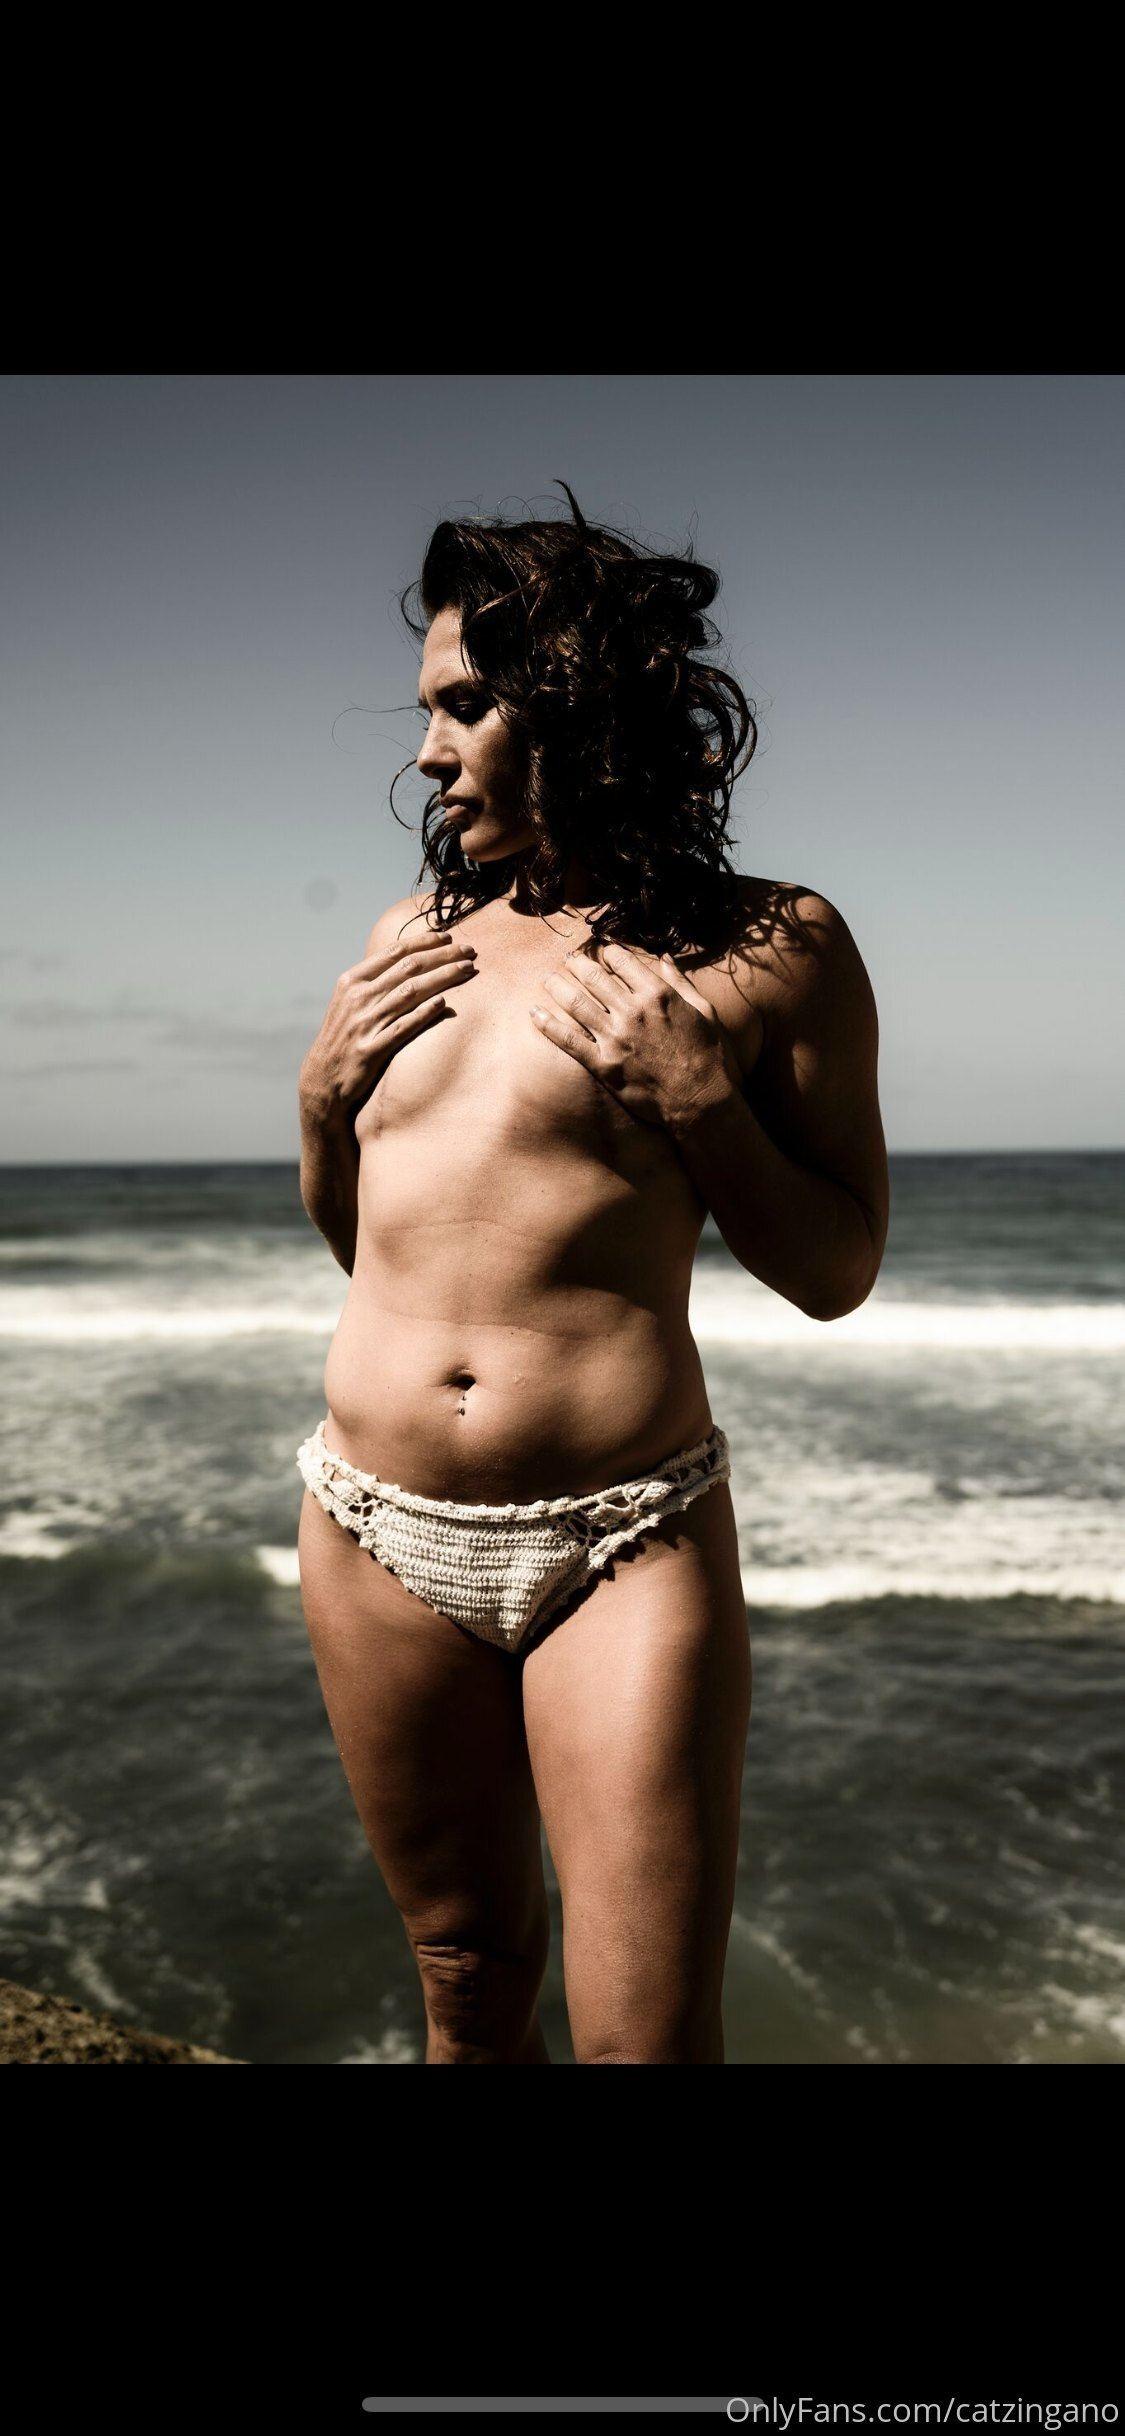 Cat Zingano Topless photo 2